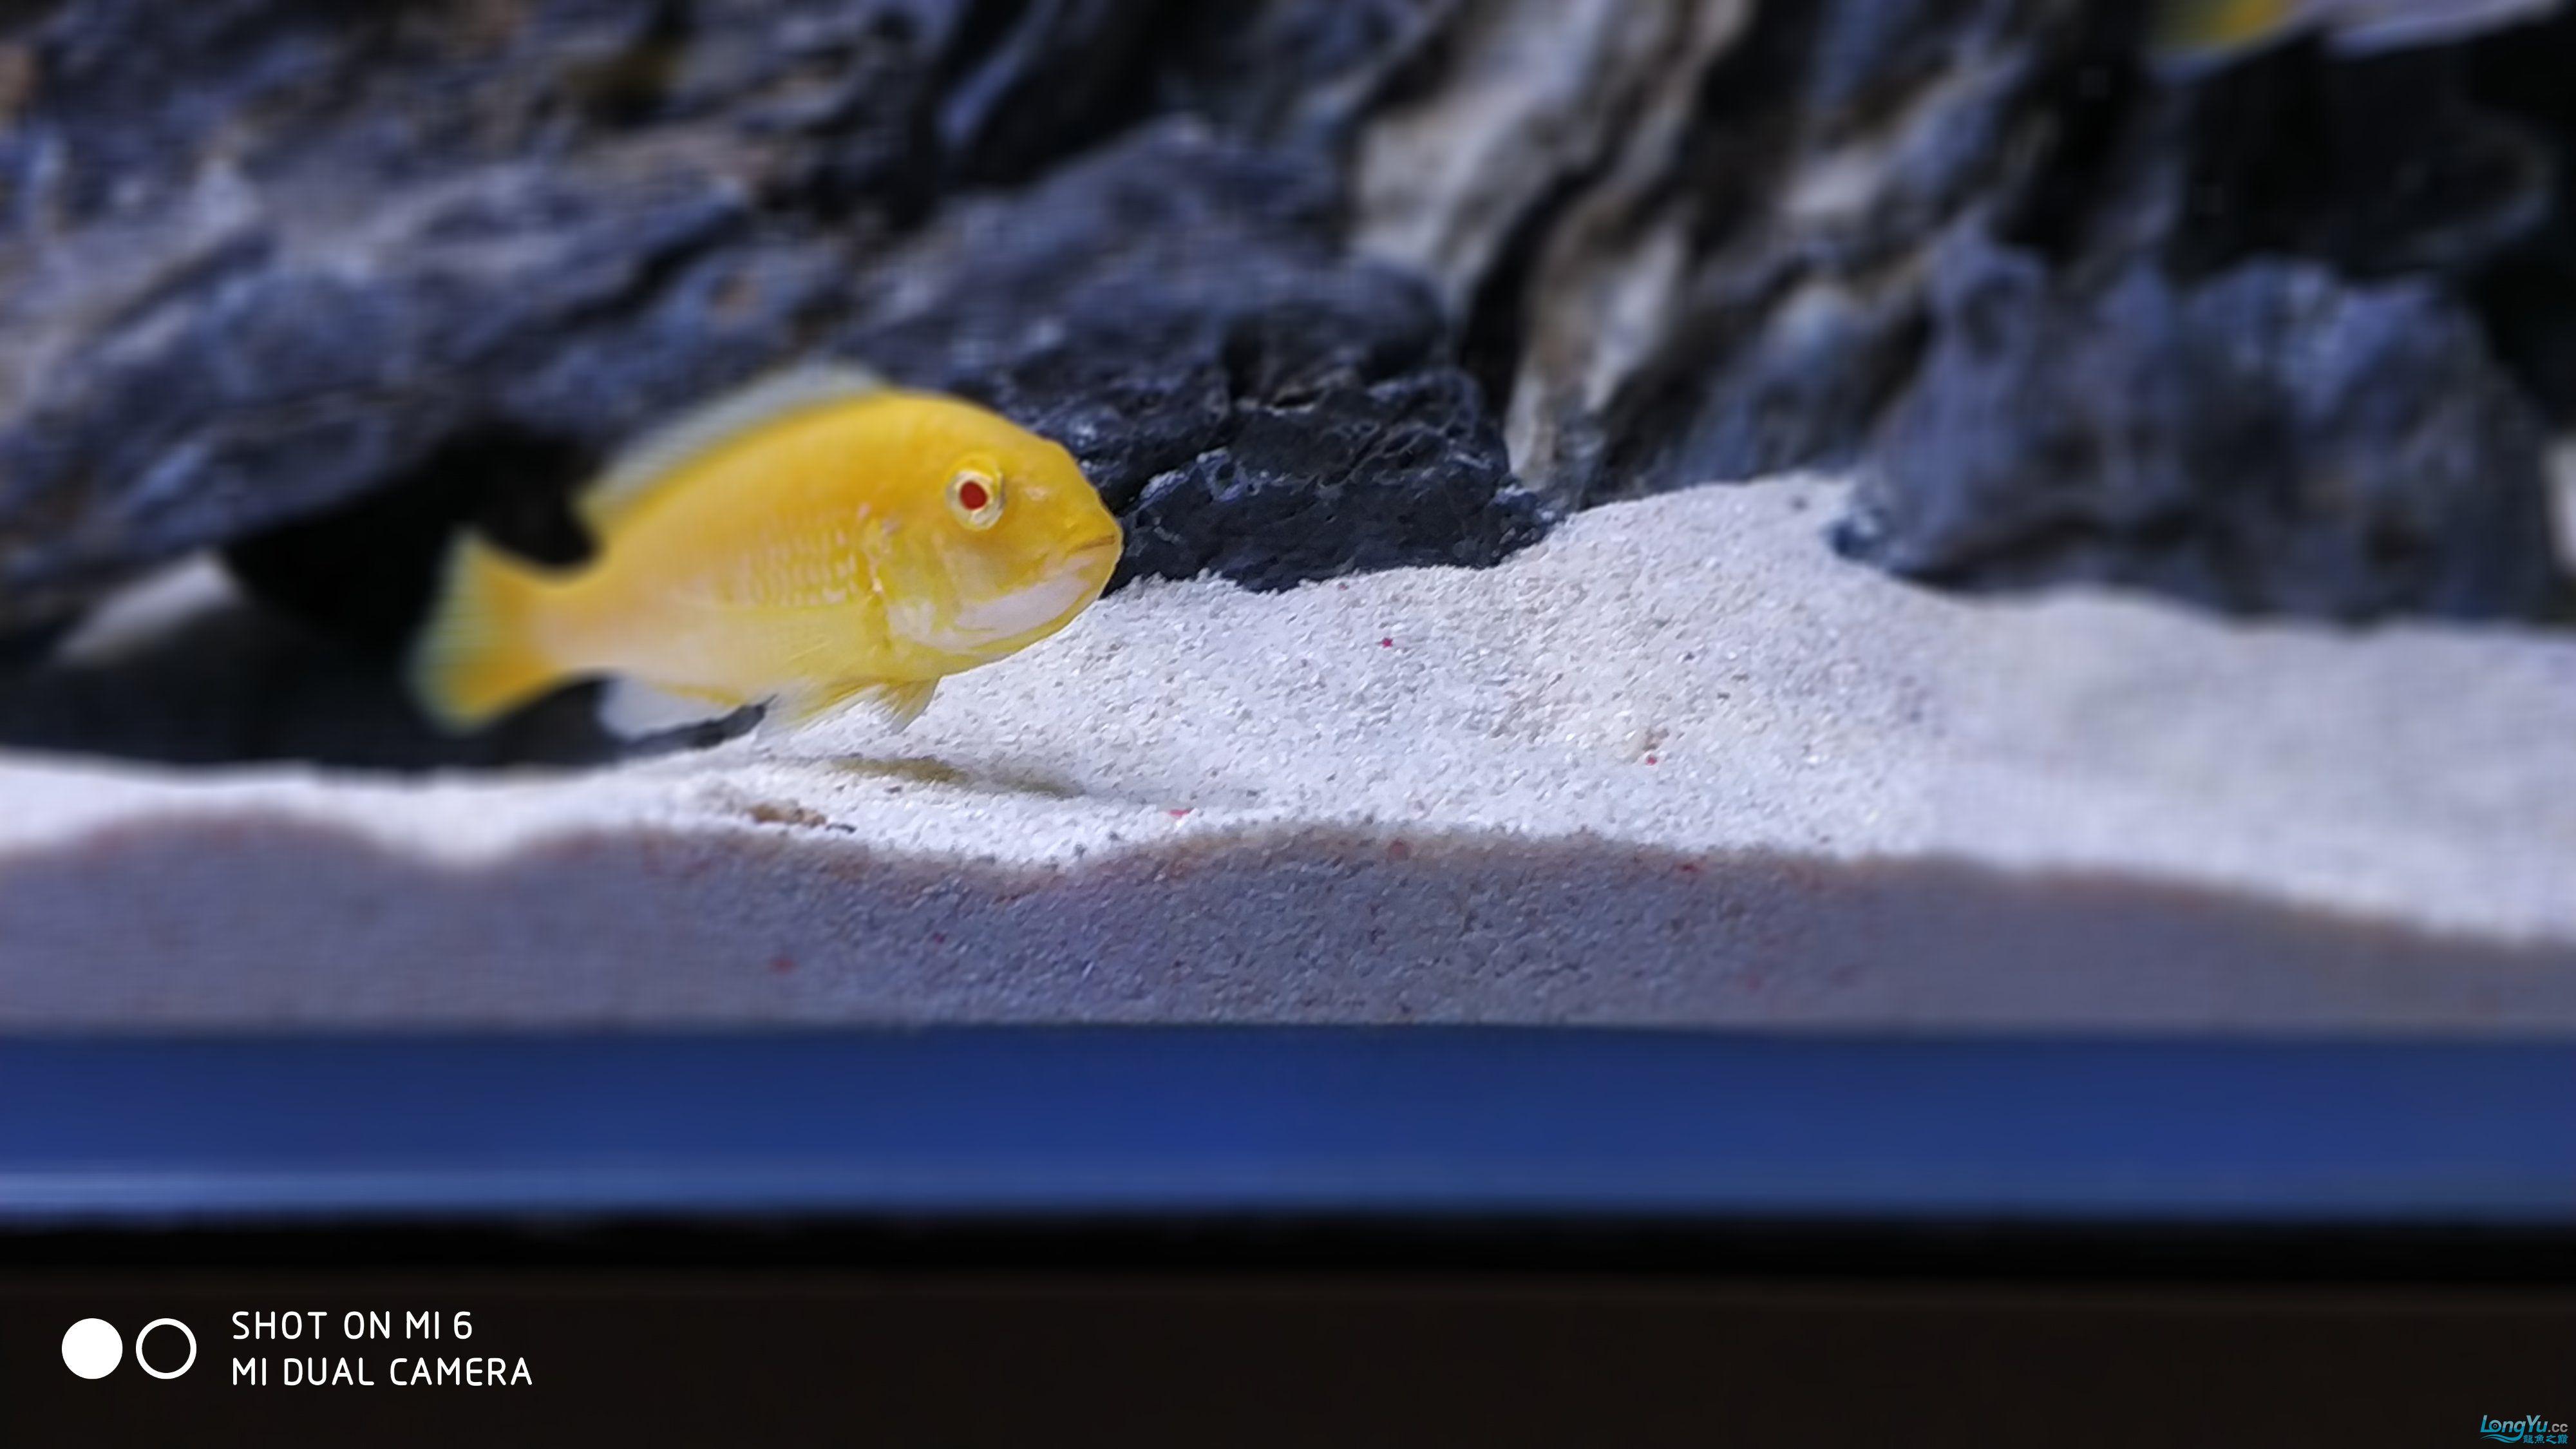 【西安海水鱼批发】到底是看石头还是看鱼呢 西安龙鱼论坛 西安博特第7张